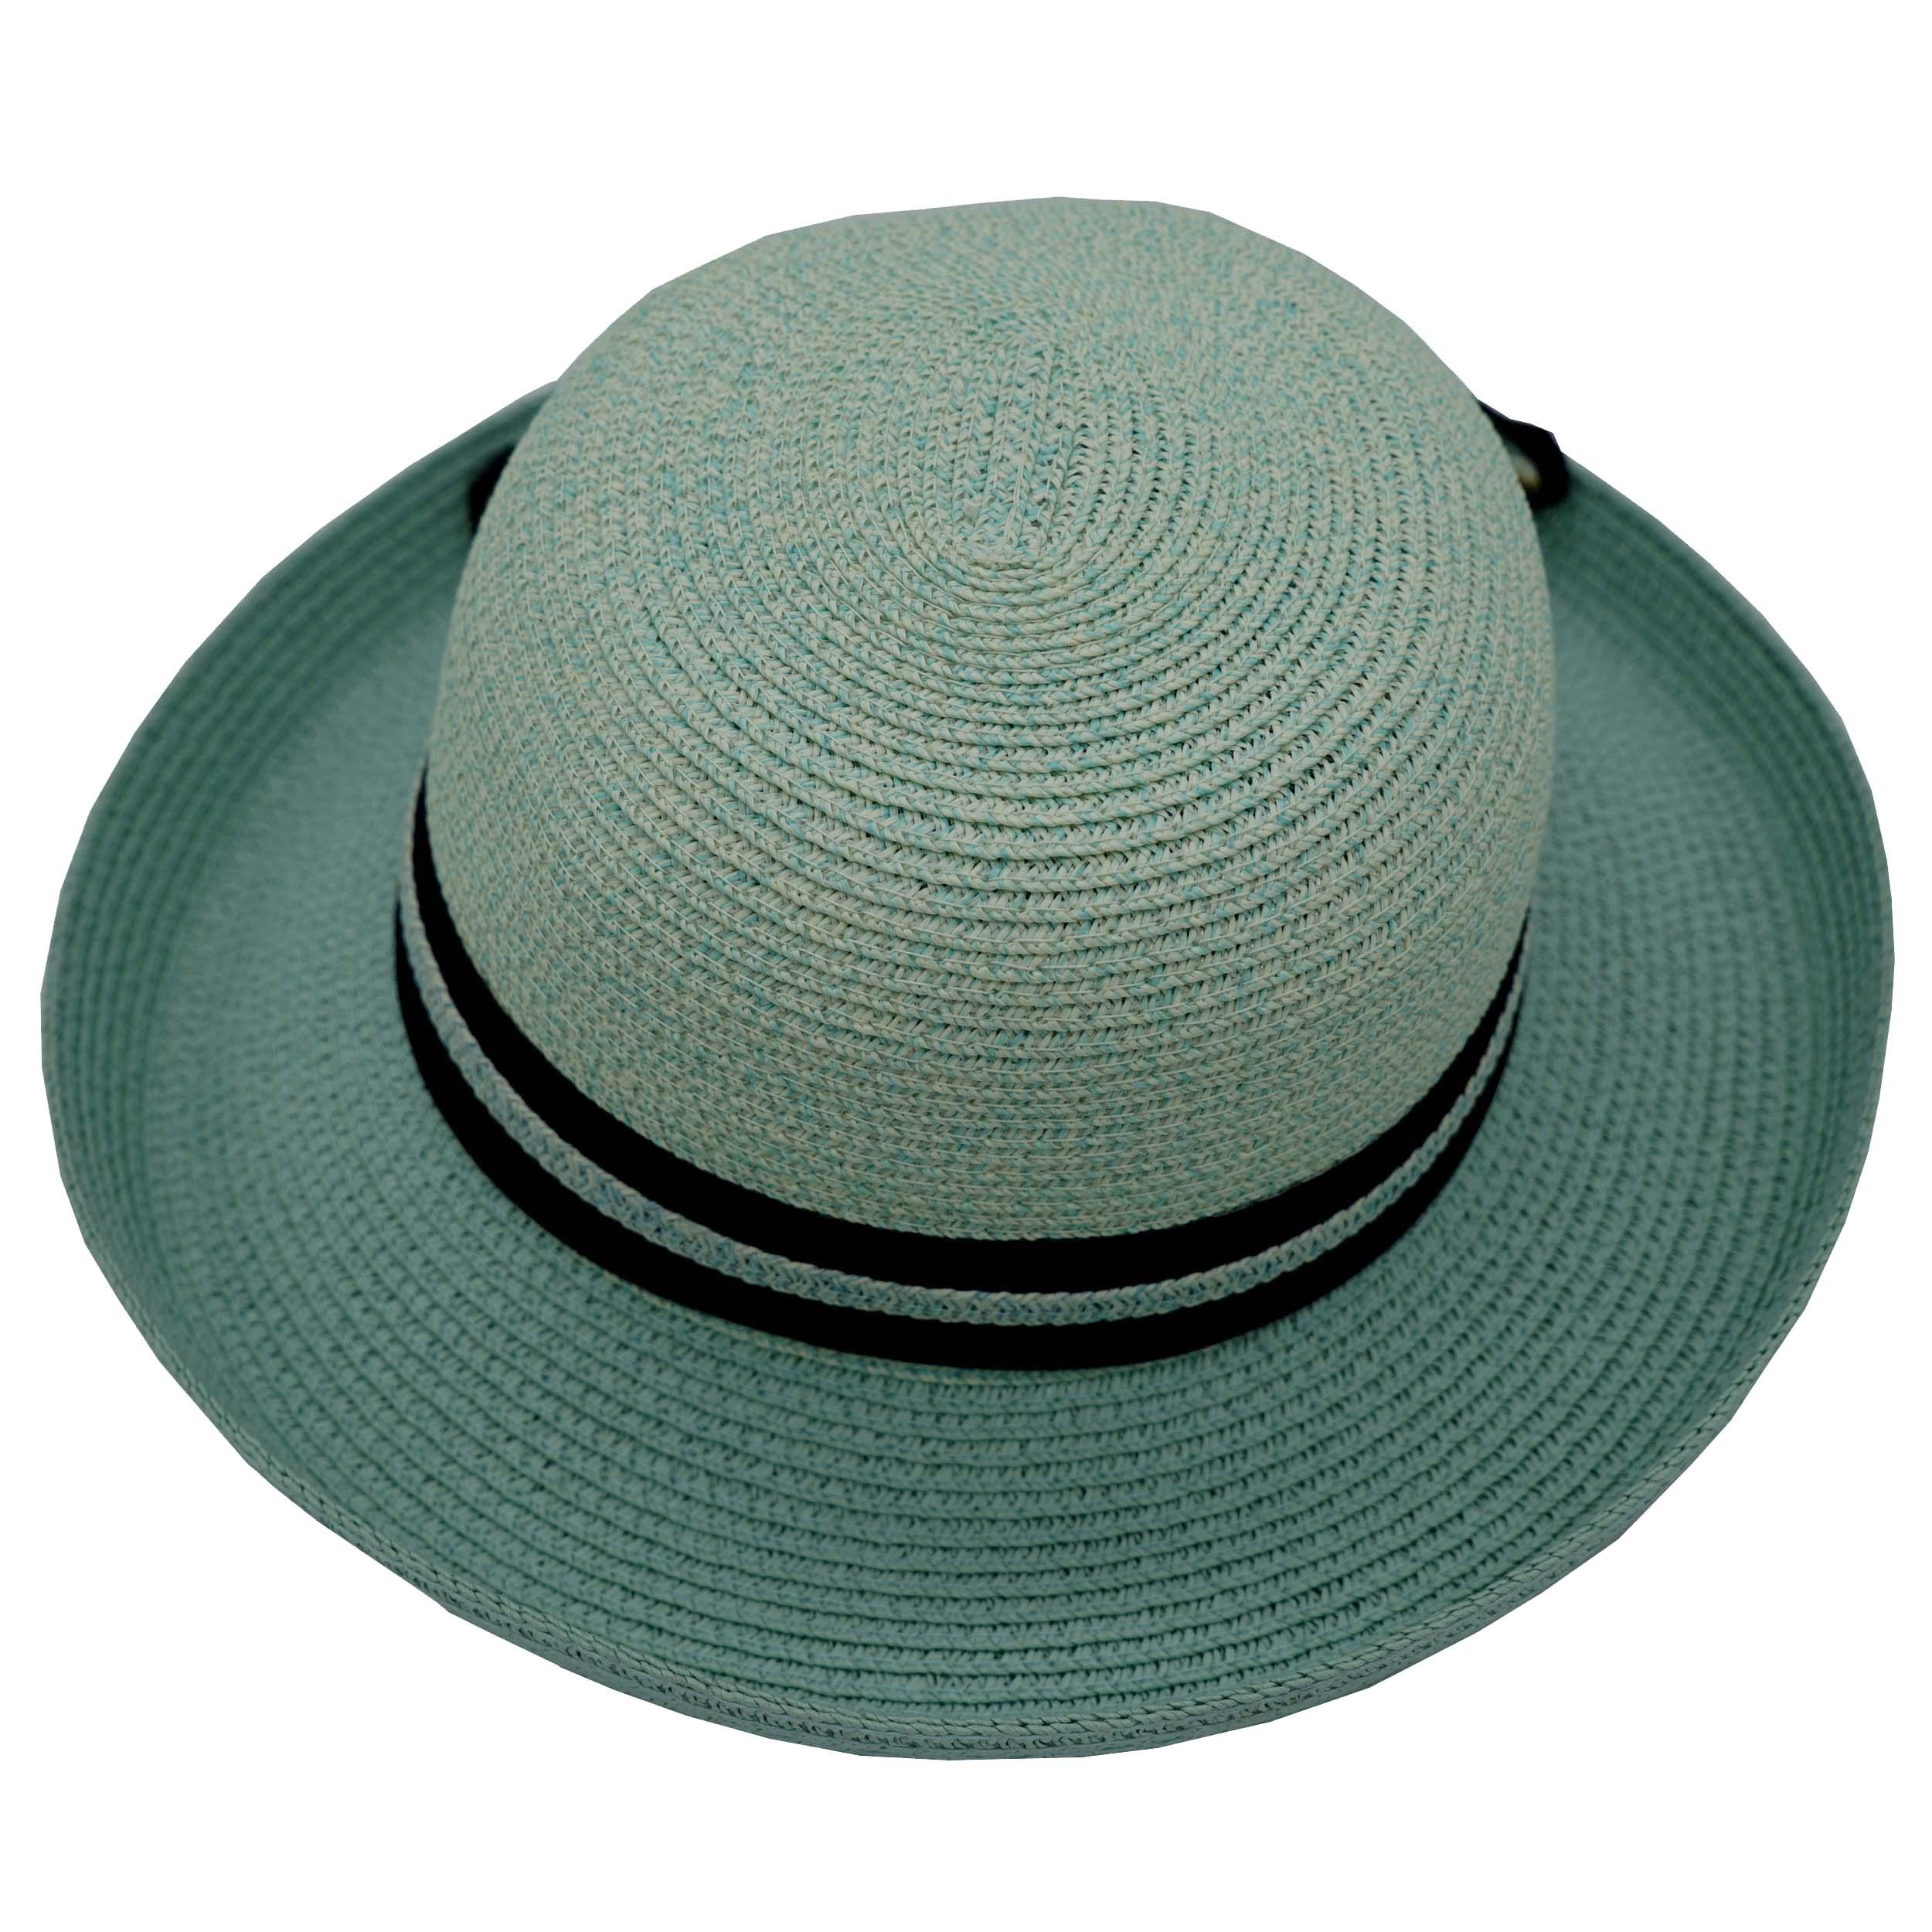 کلاه دخترانه کد 1399 a